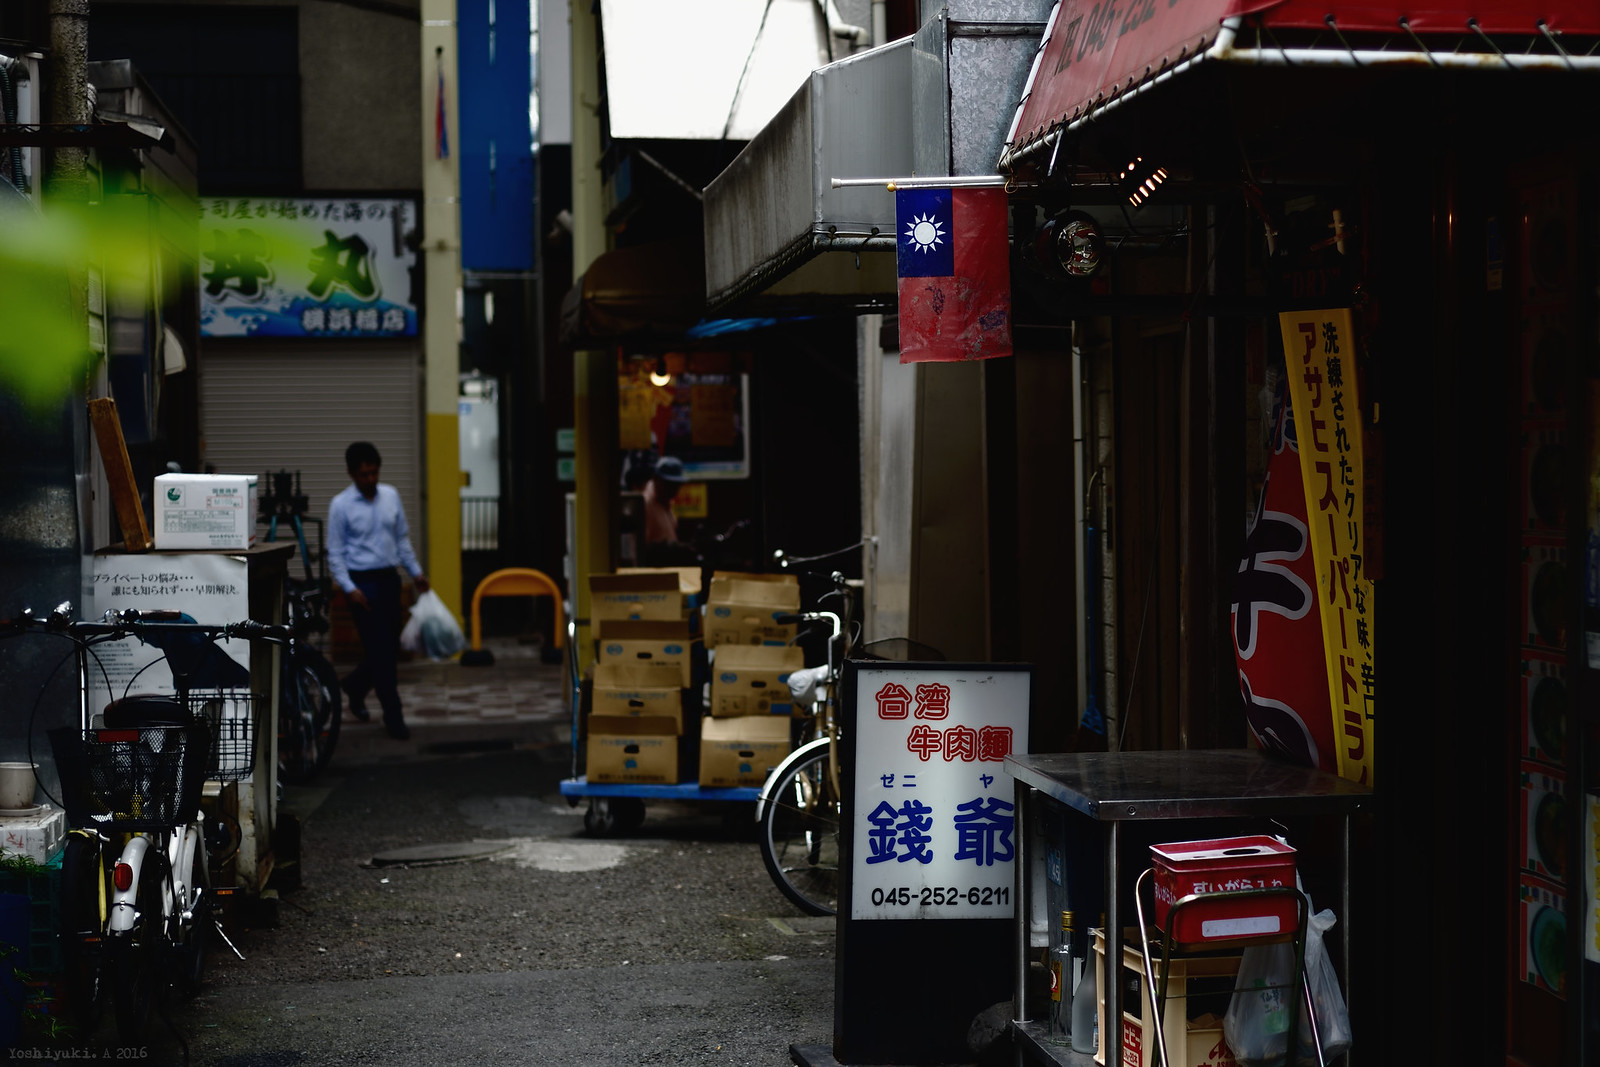 阪東橋 DSC_5087nxd